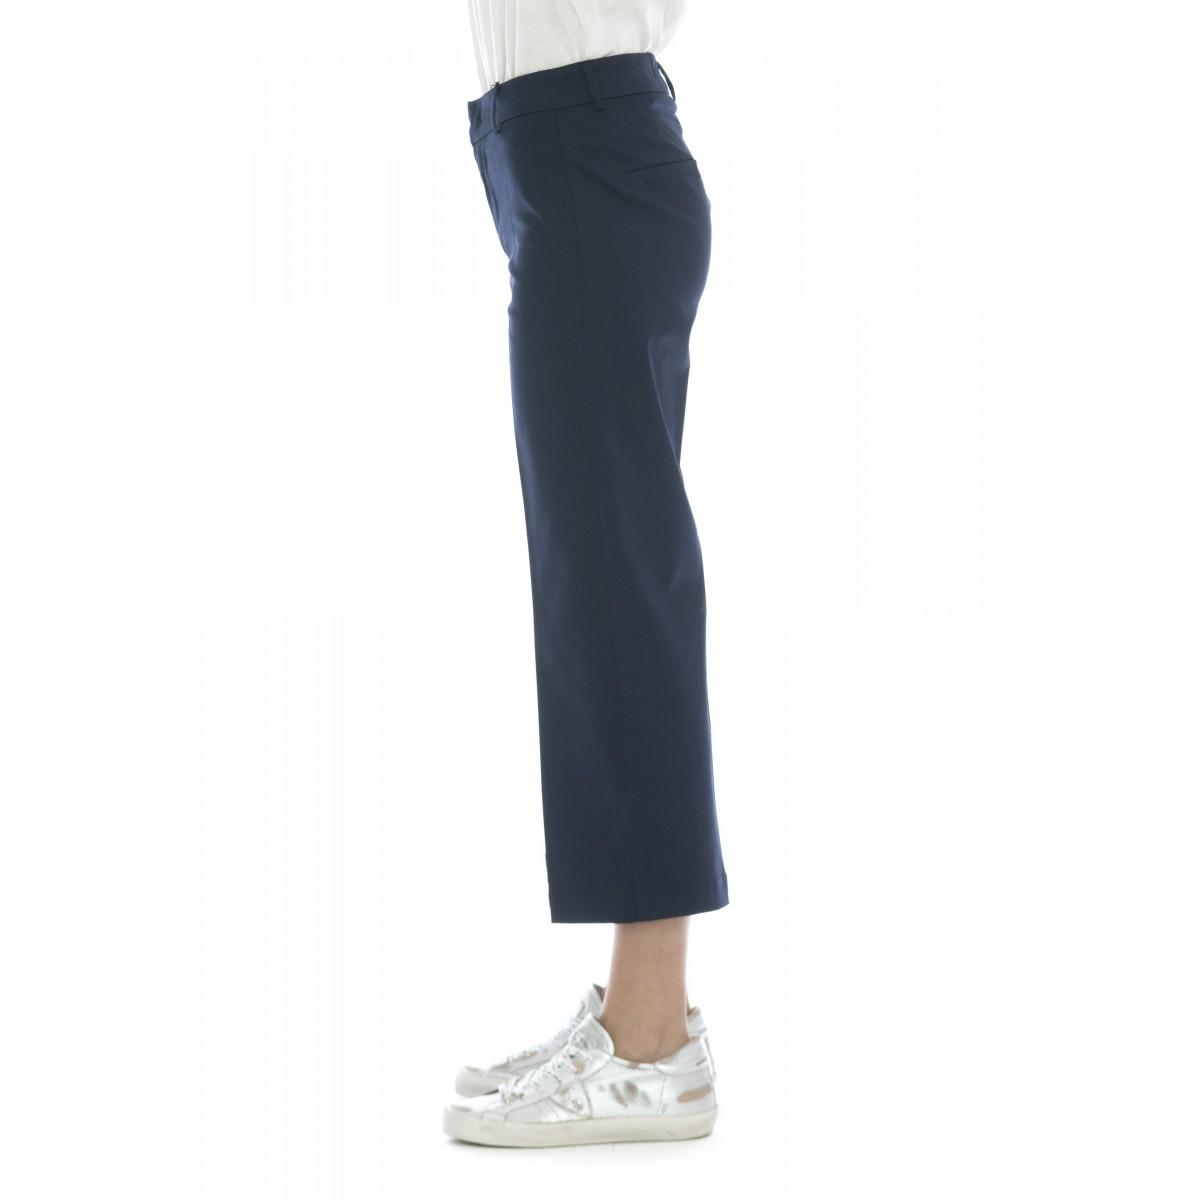 Pantalone donna - Wanna pantalone gabardina